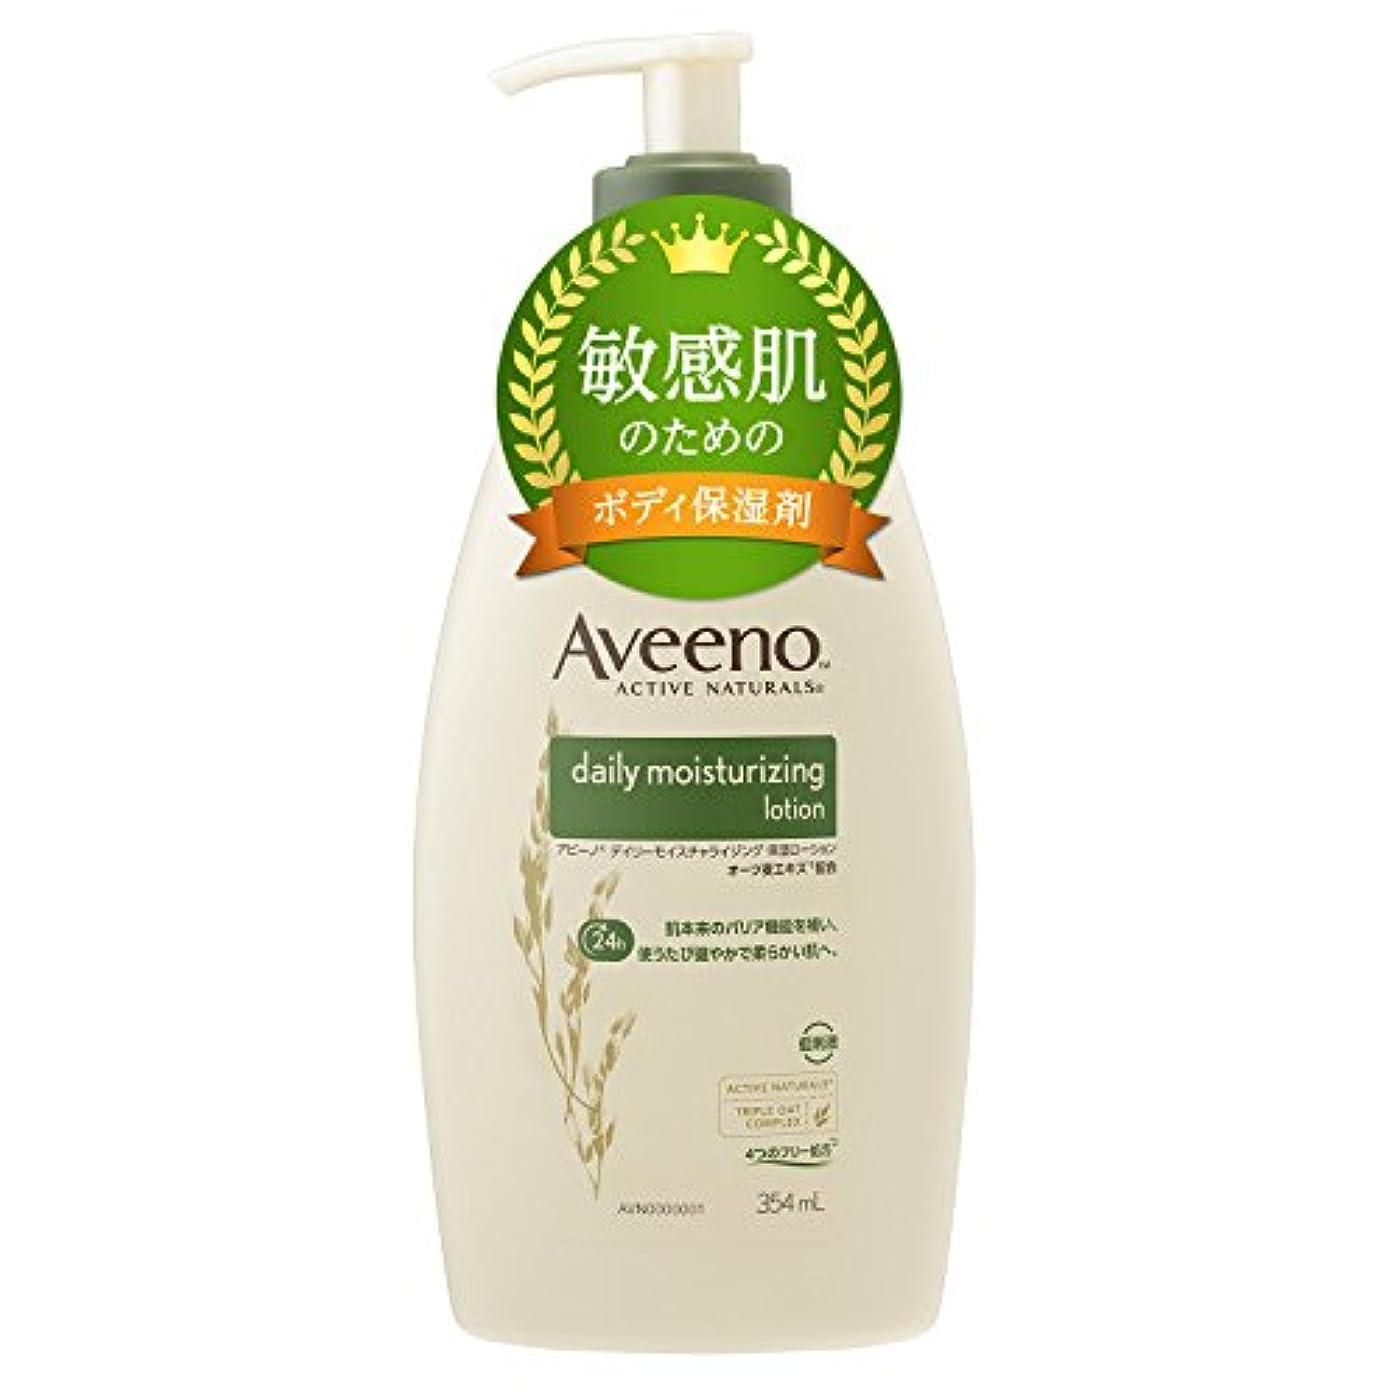 用心深い裂け目管理【Amazon.co.jp限定】Aveeno(アビーノ) デイリーモイスチャライジング 保湿ローション 354ml 【敏感肌の方向け】